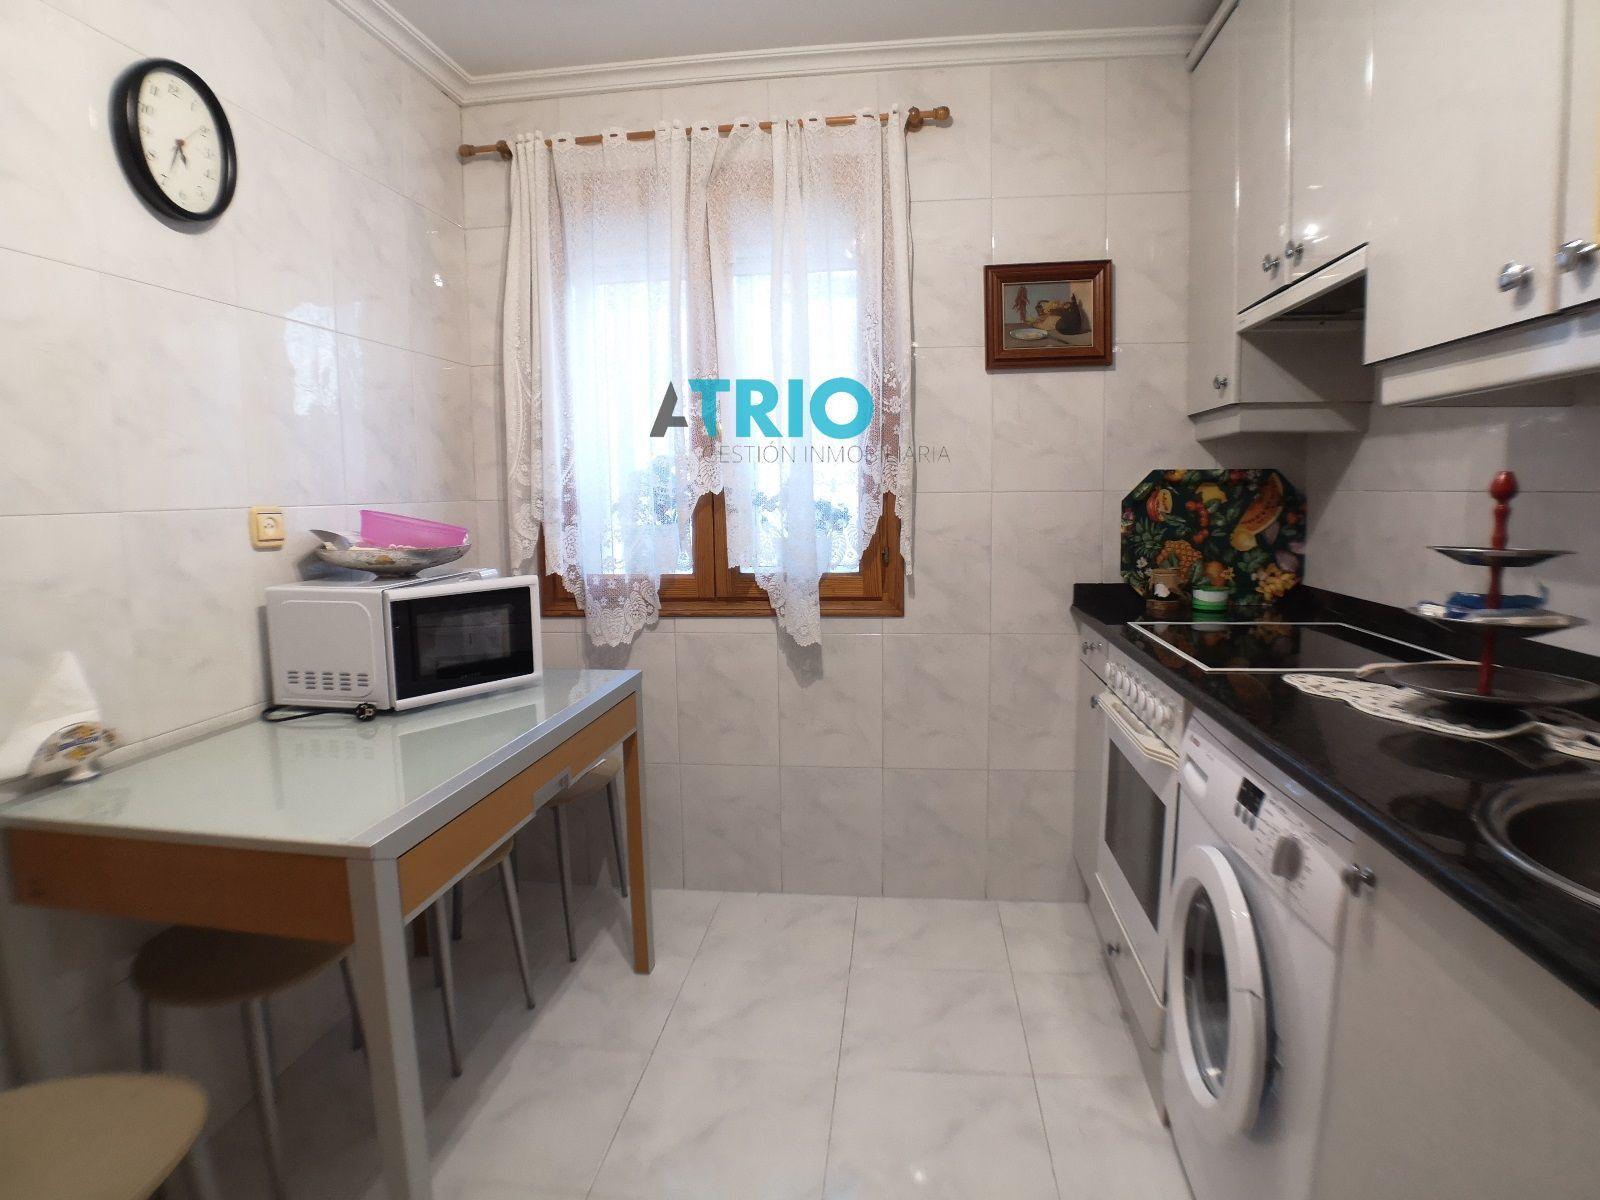 dia.mobiliagestion.es/Portals/inmoatrio/Images/7132/5597589